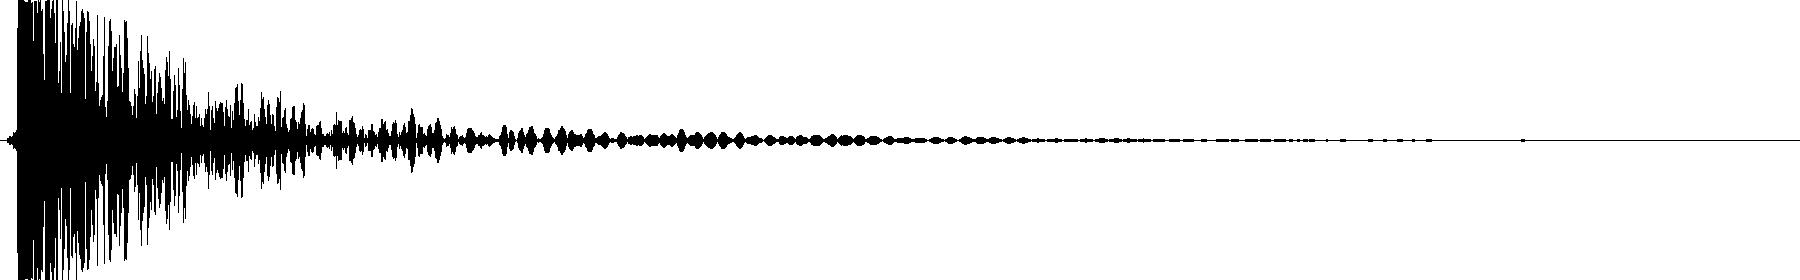 13890 38 wav